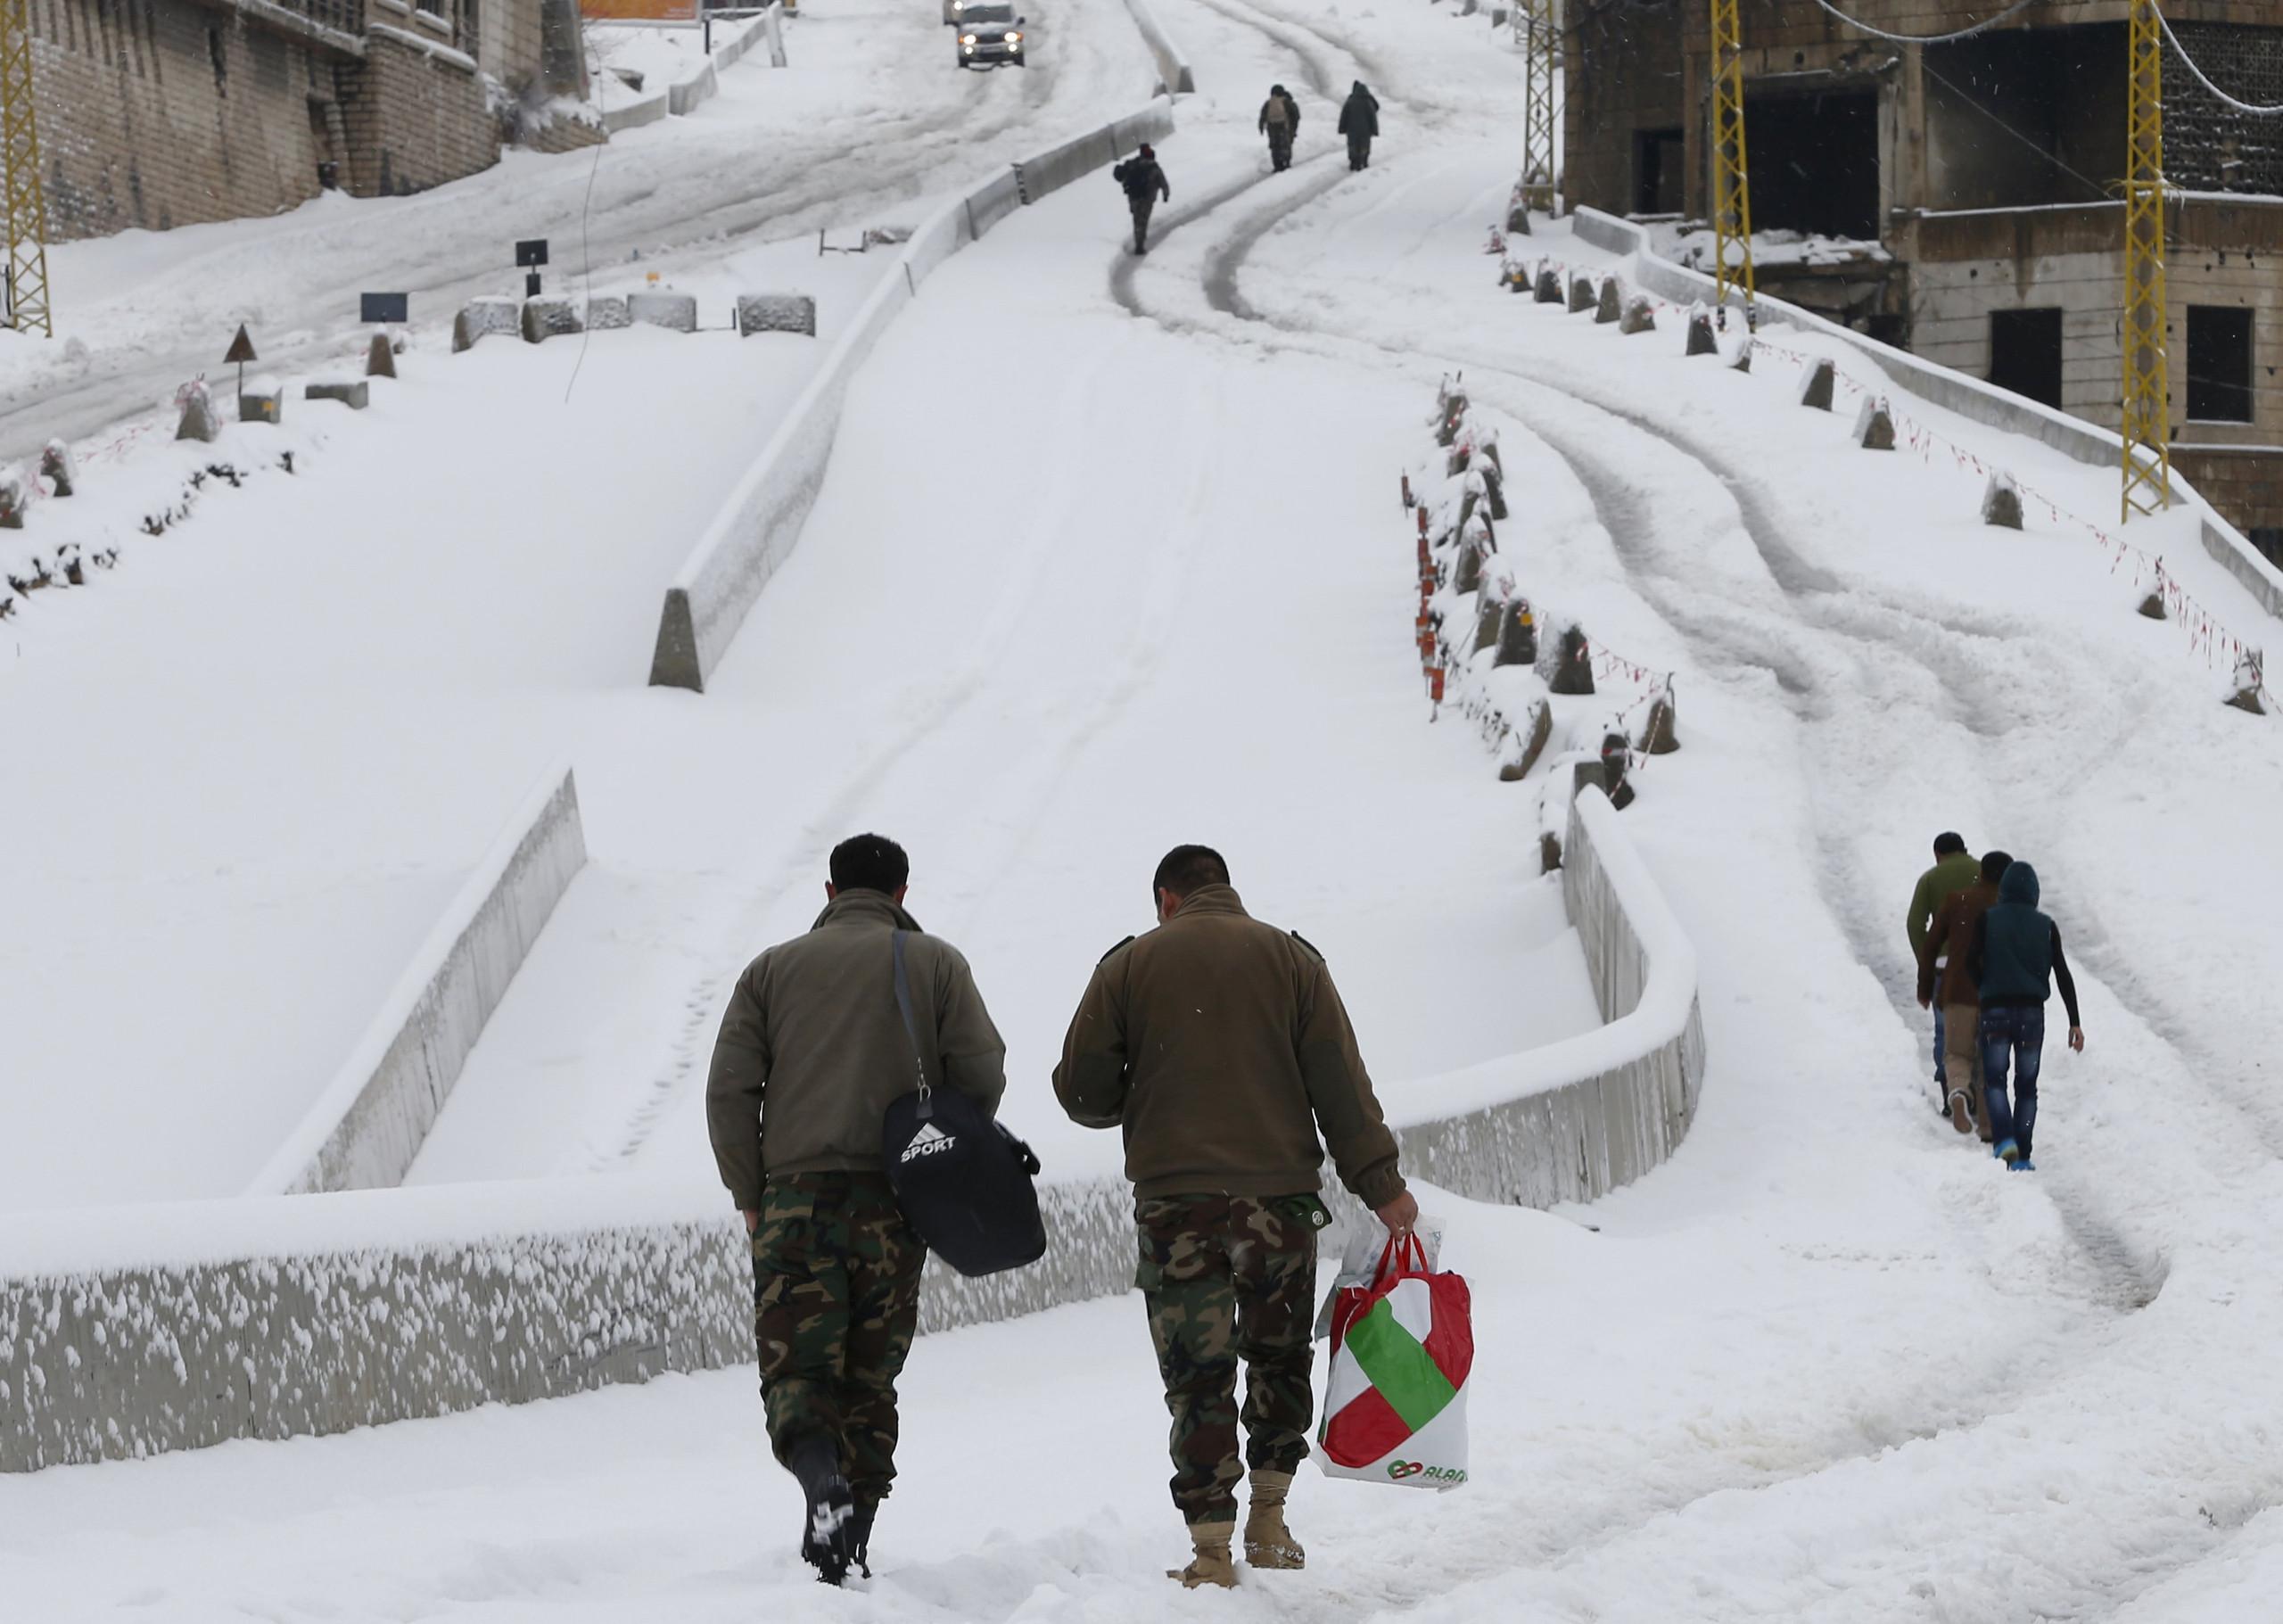 صوره صور بياض الثلج , الجليد الابيض و جمال الطبيعة القاسية